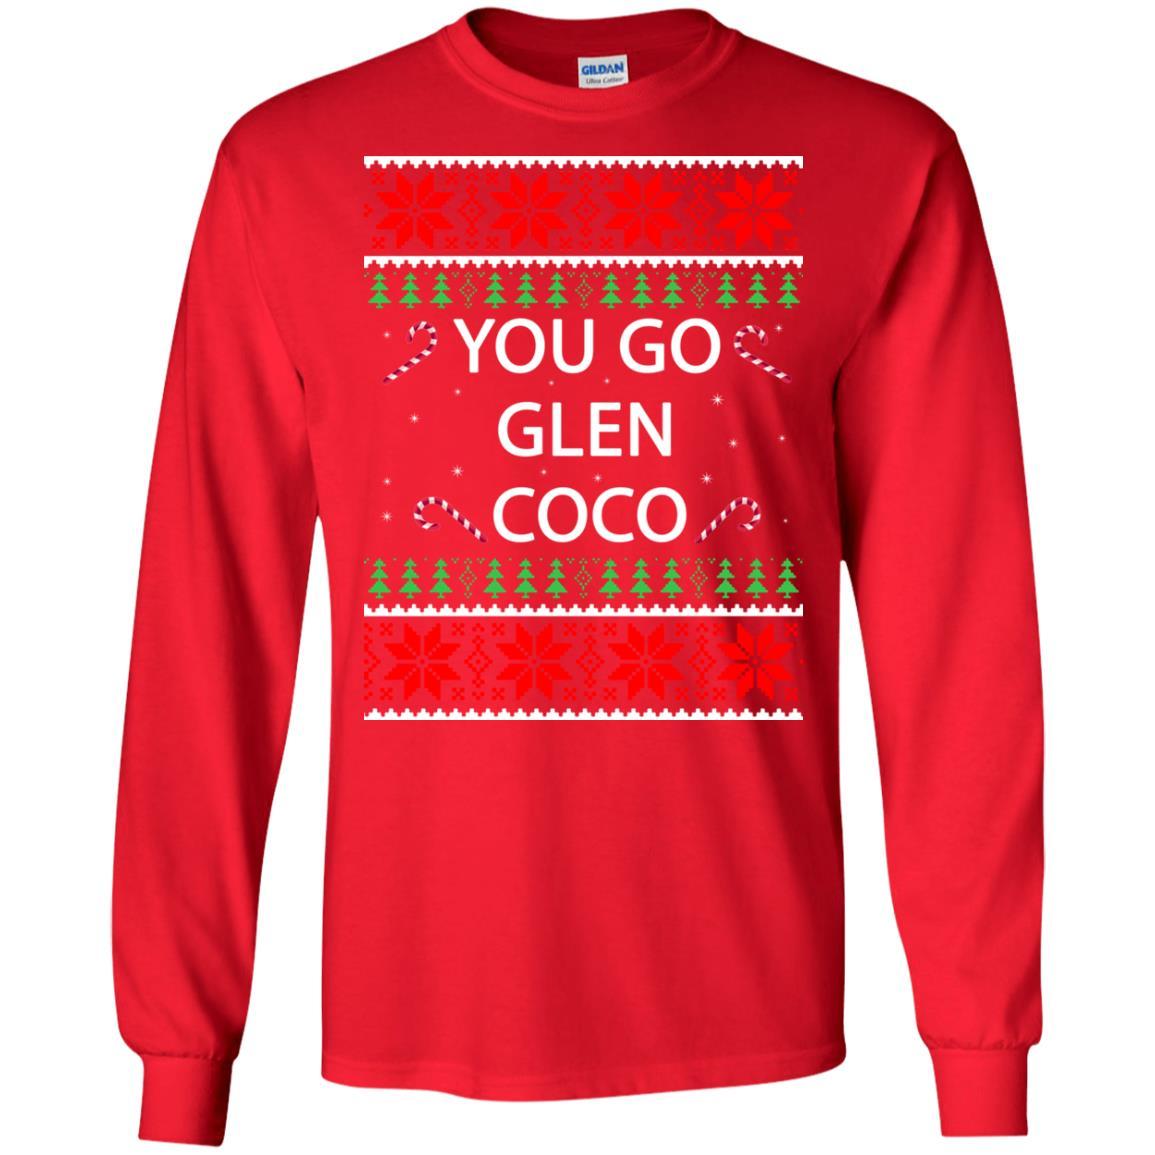 image 3149 - You Go Glen Coco Sweatshirts, Hoodie, Tank